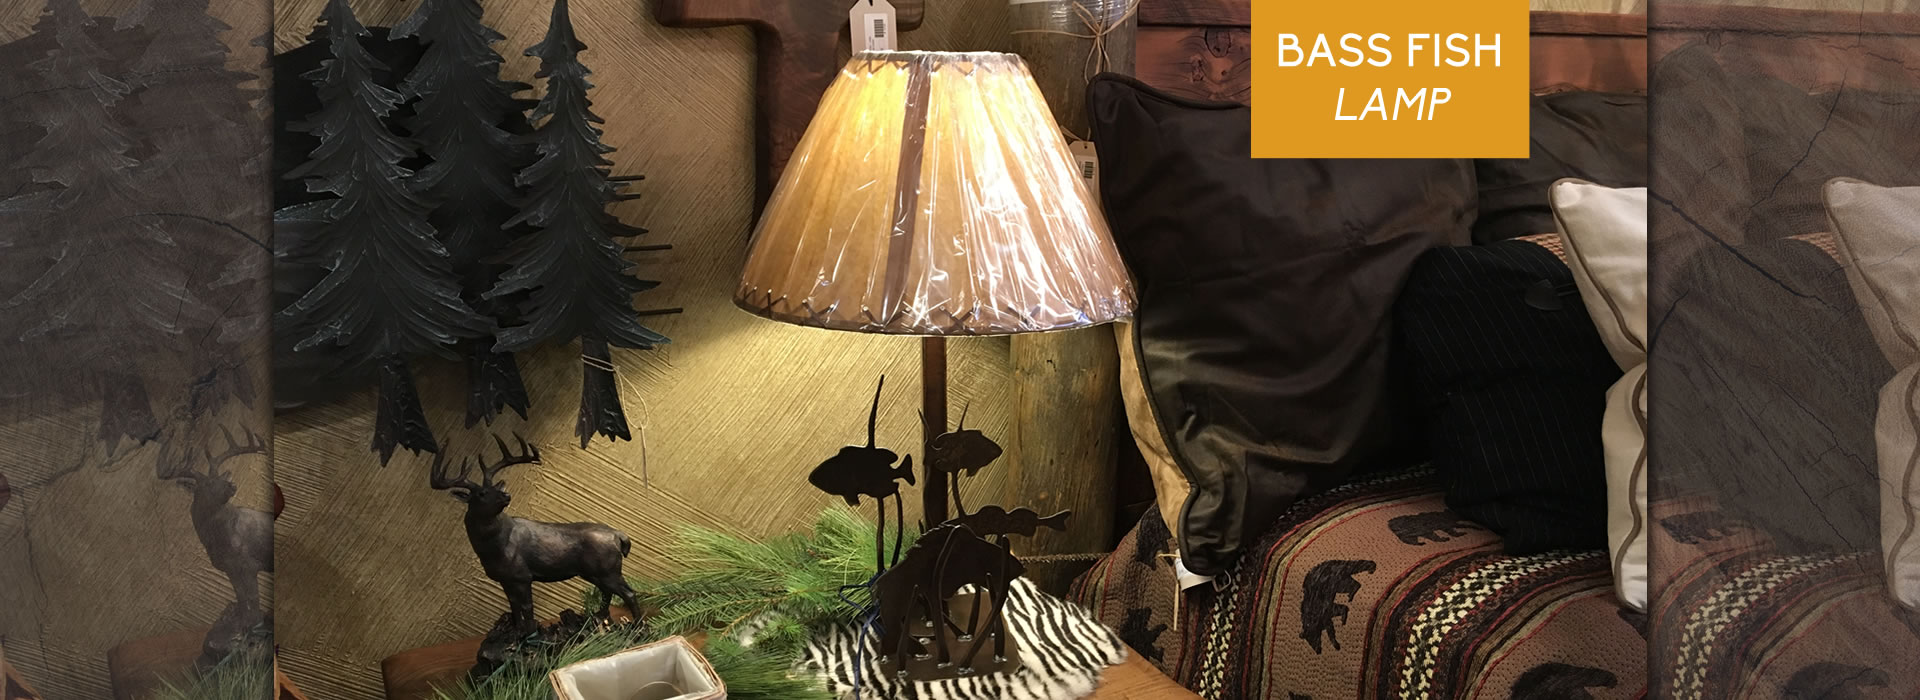 Bass Fish Lamp